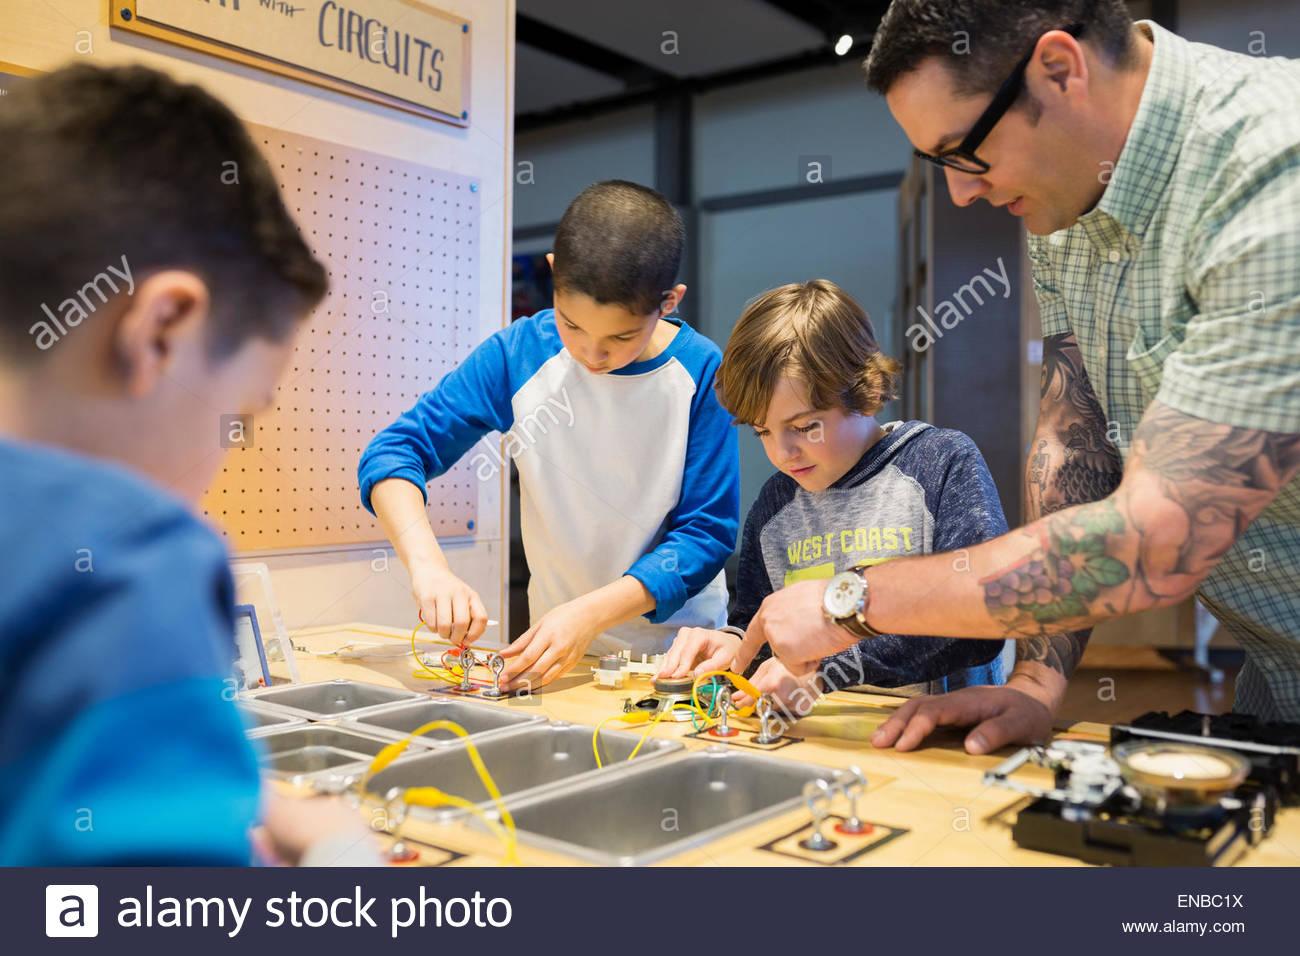 L'enseignant et les étudiants de l'assemblage de circuits électroniques science center Photo Stock